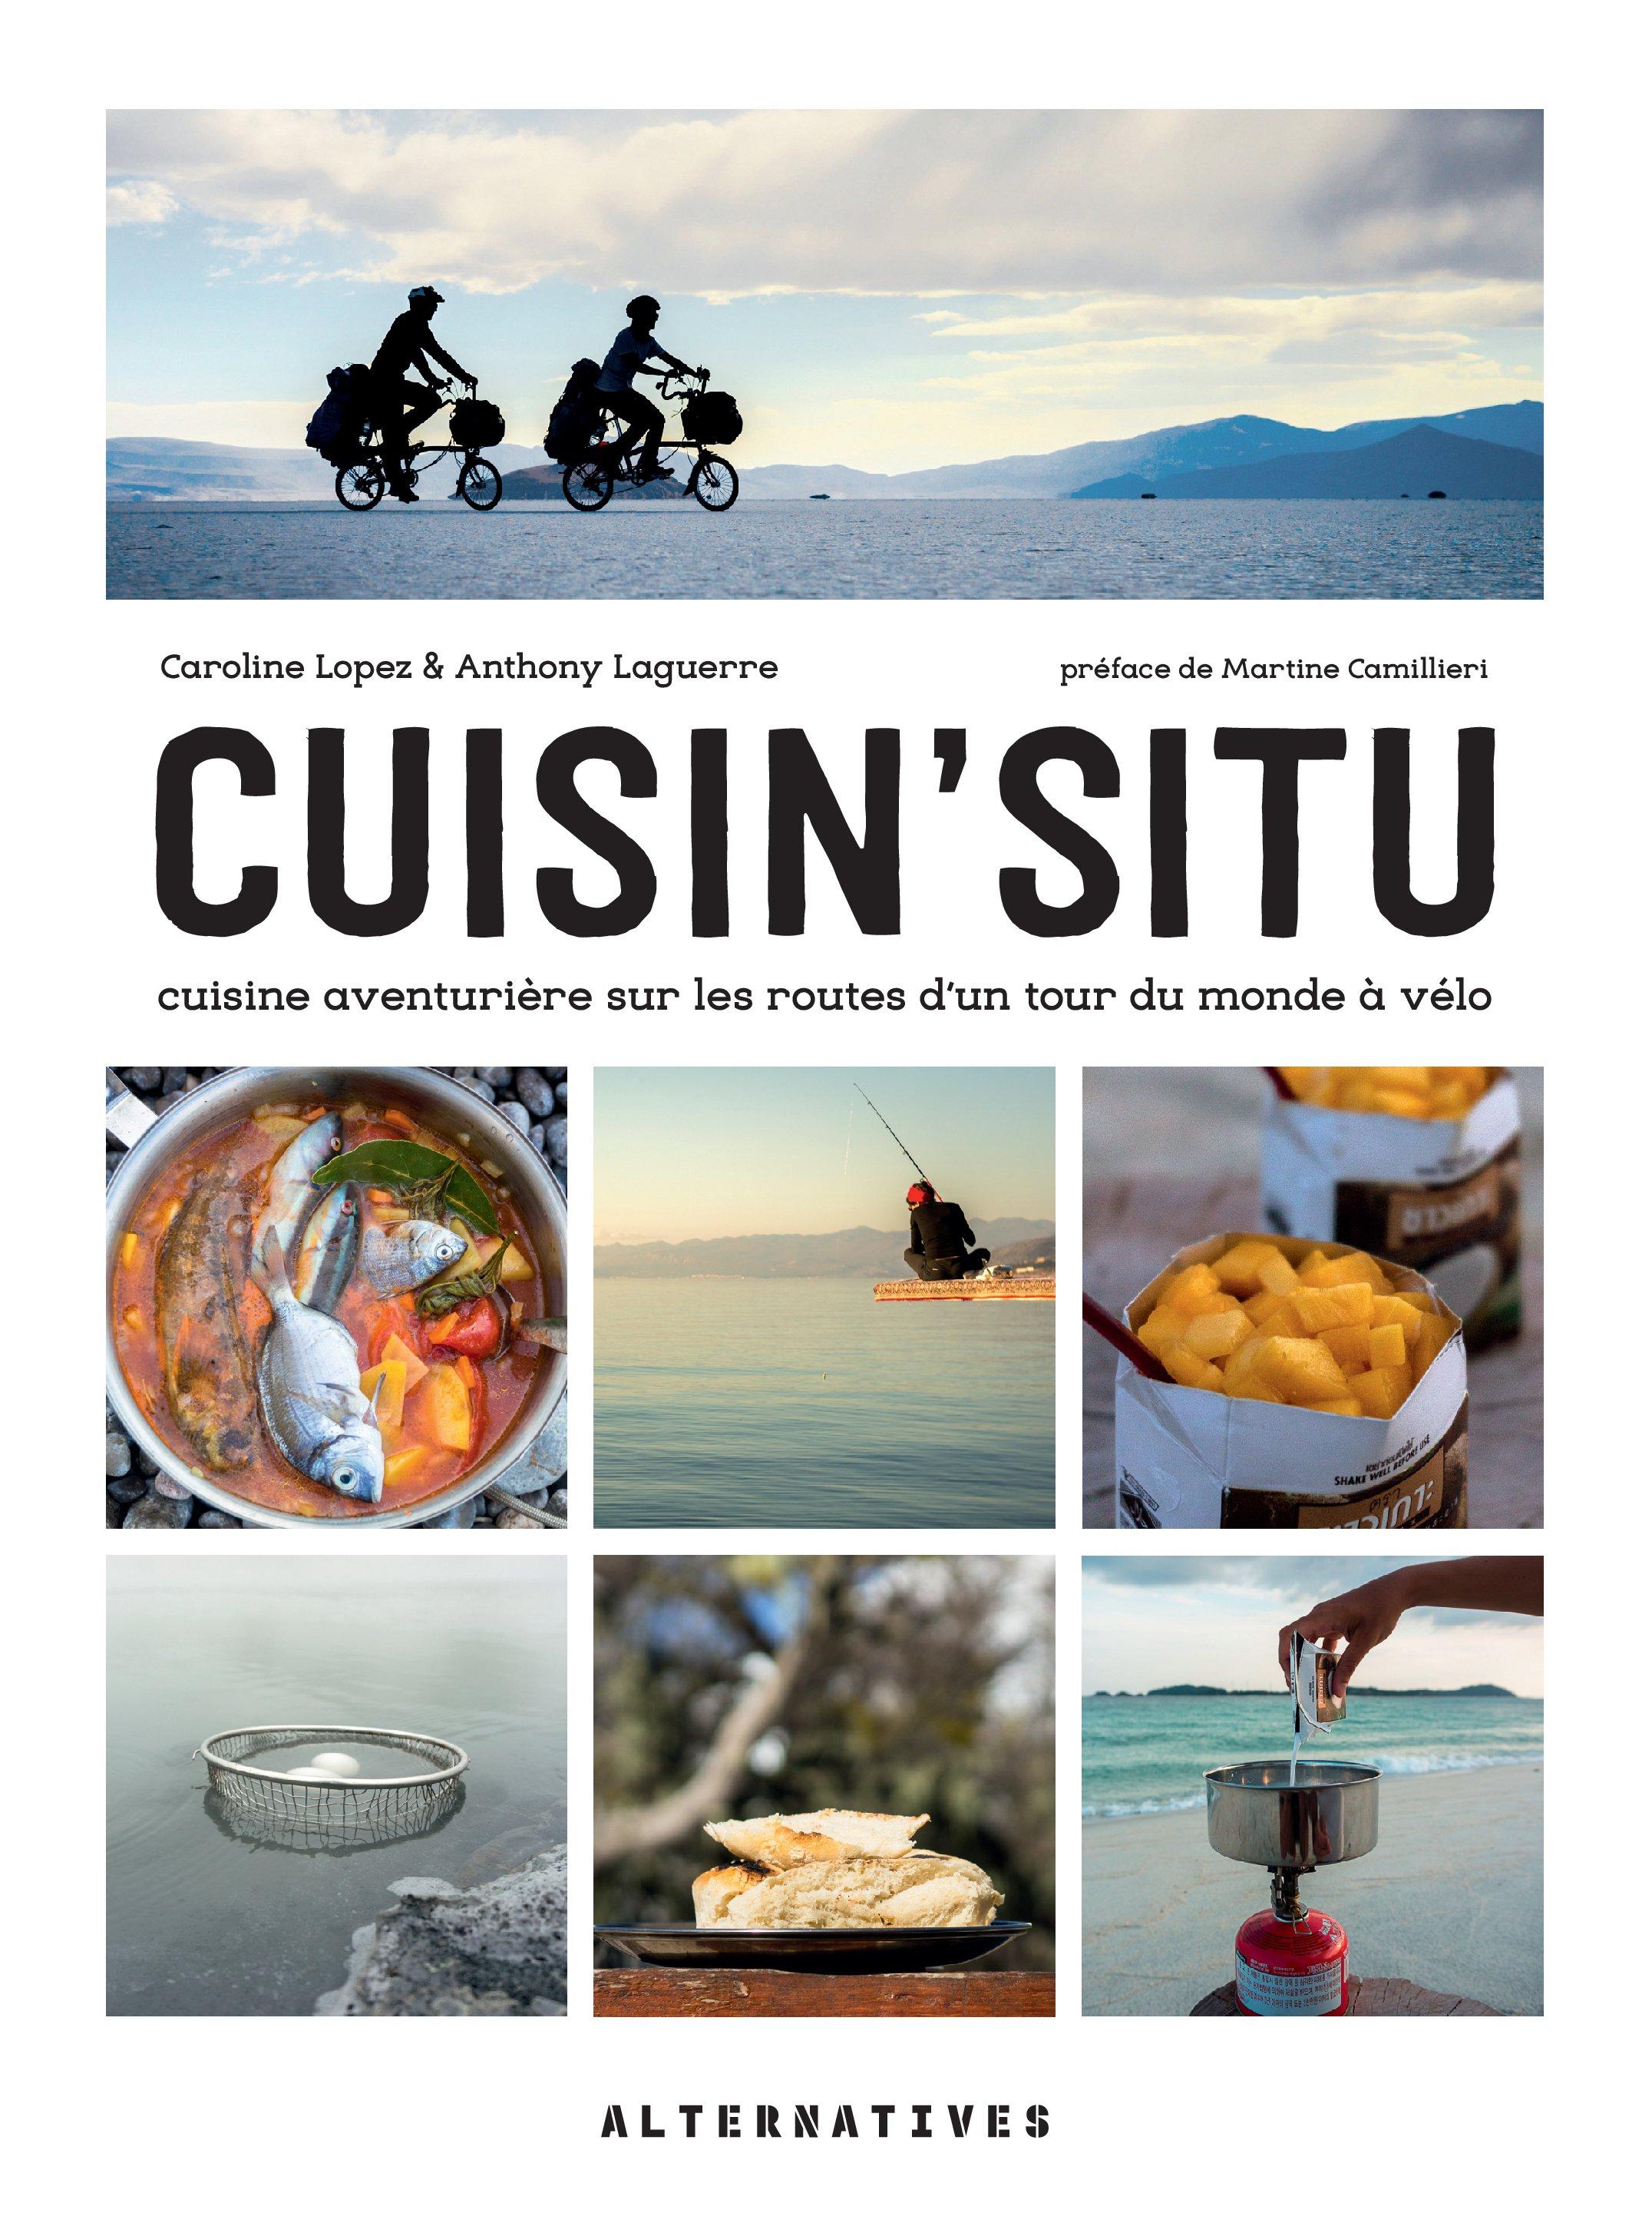 Cuisin'situ. Cuisine aventurière sur les routes d'un tour du monde à vélo